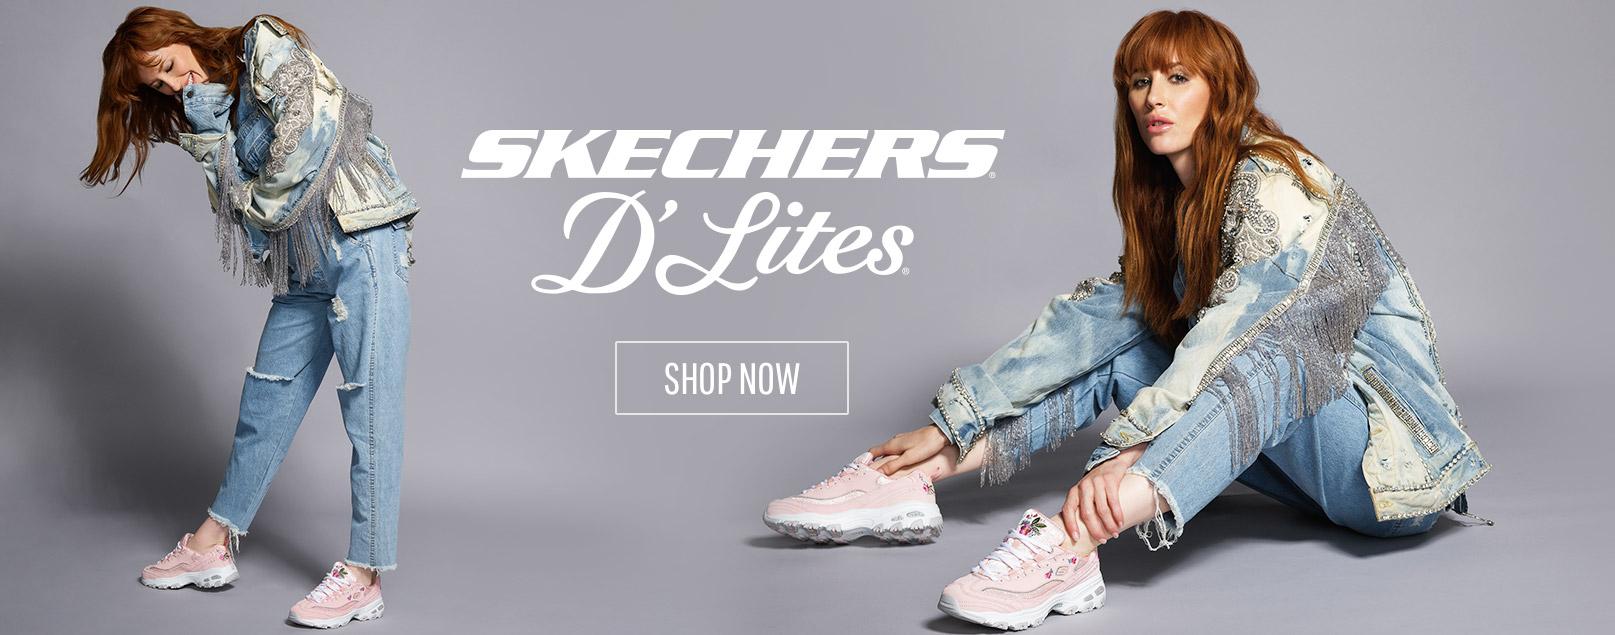 /en-gb/women/all?brand=%2Fskechers-d-lites&genders=W